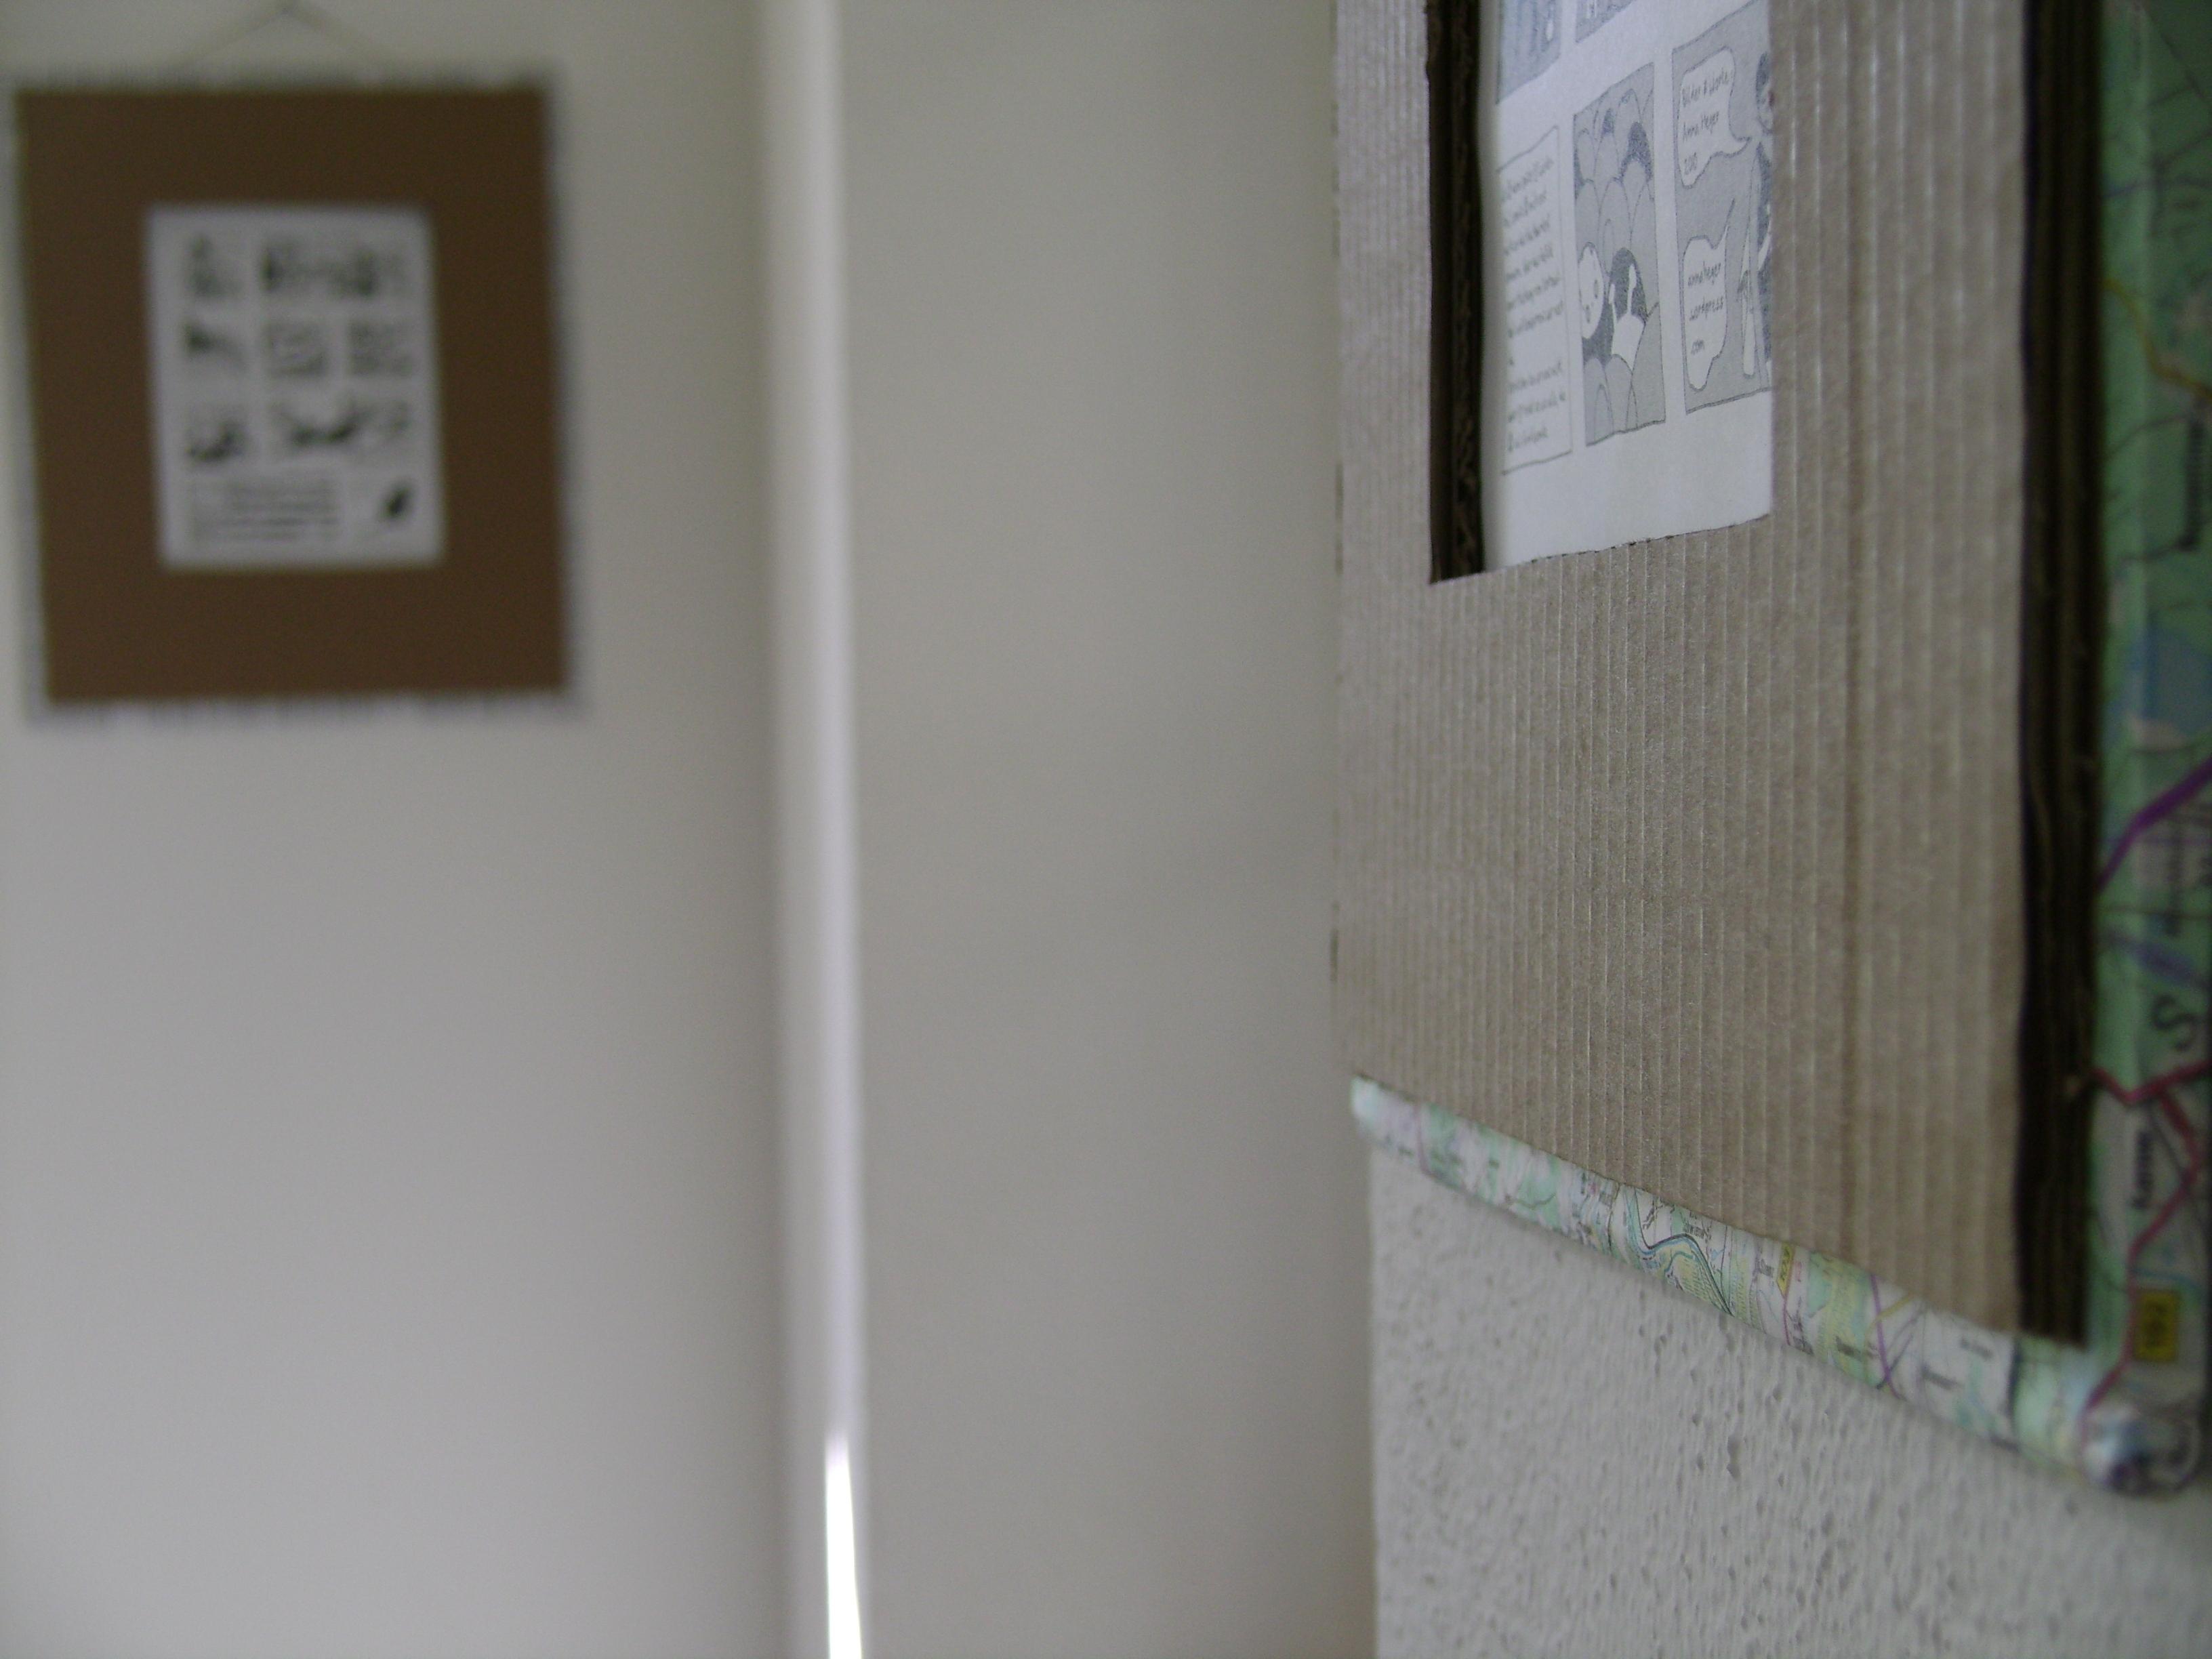 Foto von in Pappe gerahmten einseitigen Comics an einer weissen Raufasertapete.